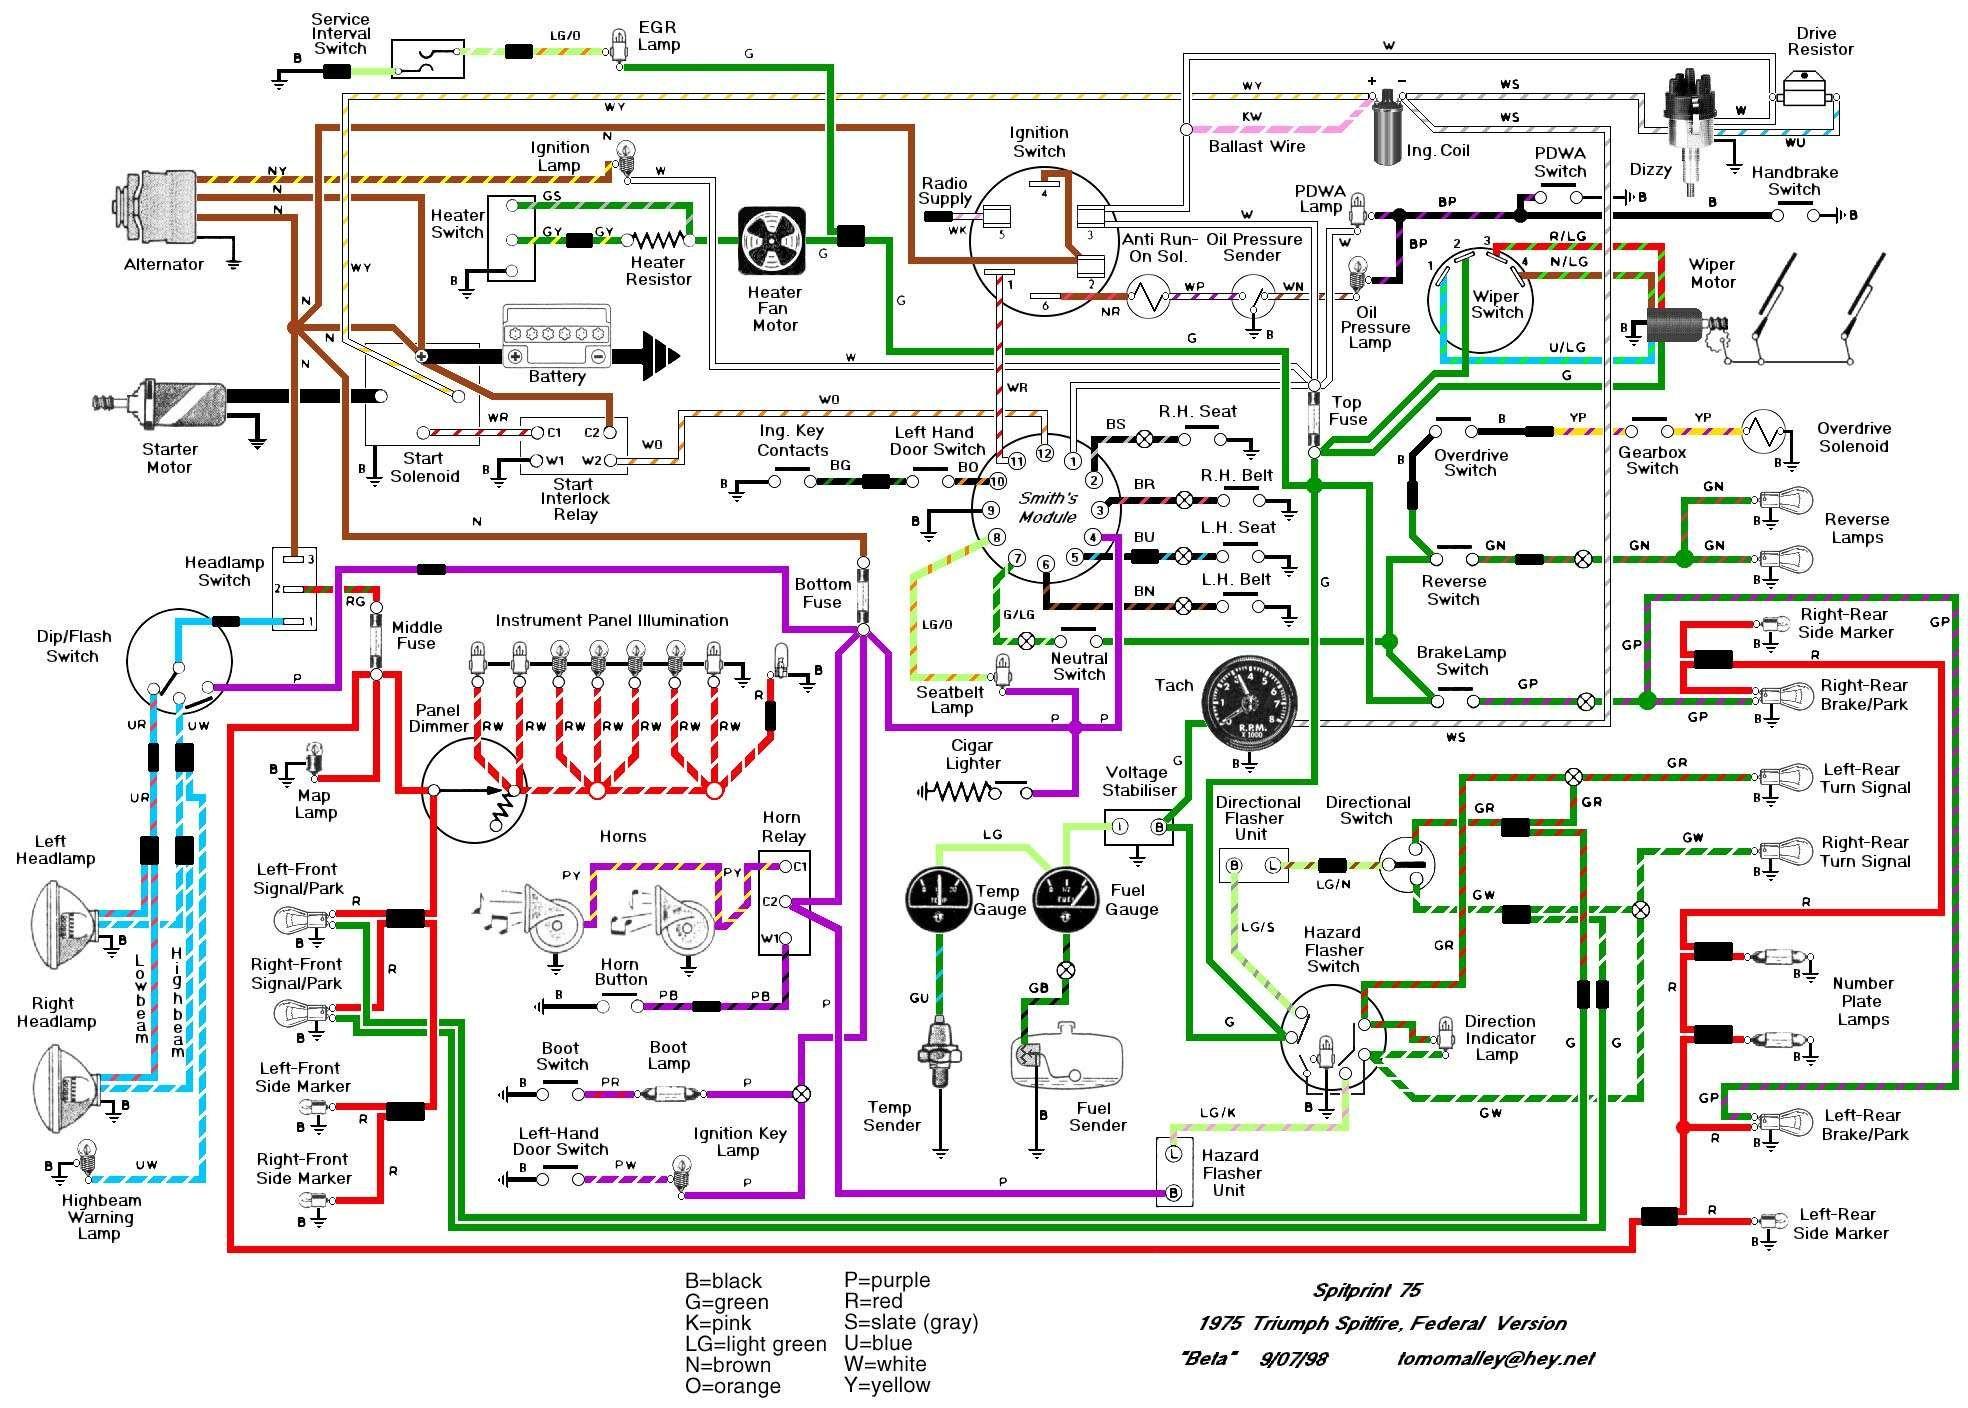 Wiring Diagram Cars Trucks Wiring Diagram Cars Trucks Truck Horn Wiring Wiring Diagrams Electrical Circuit Diagram House Wiring Electrical Wiring Diagram